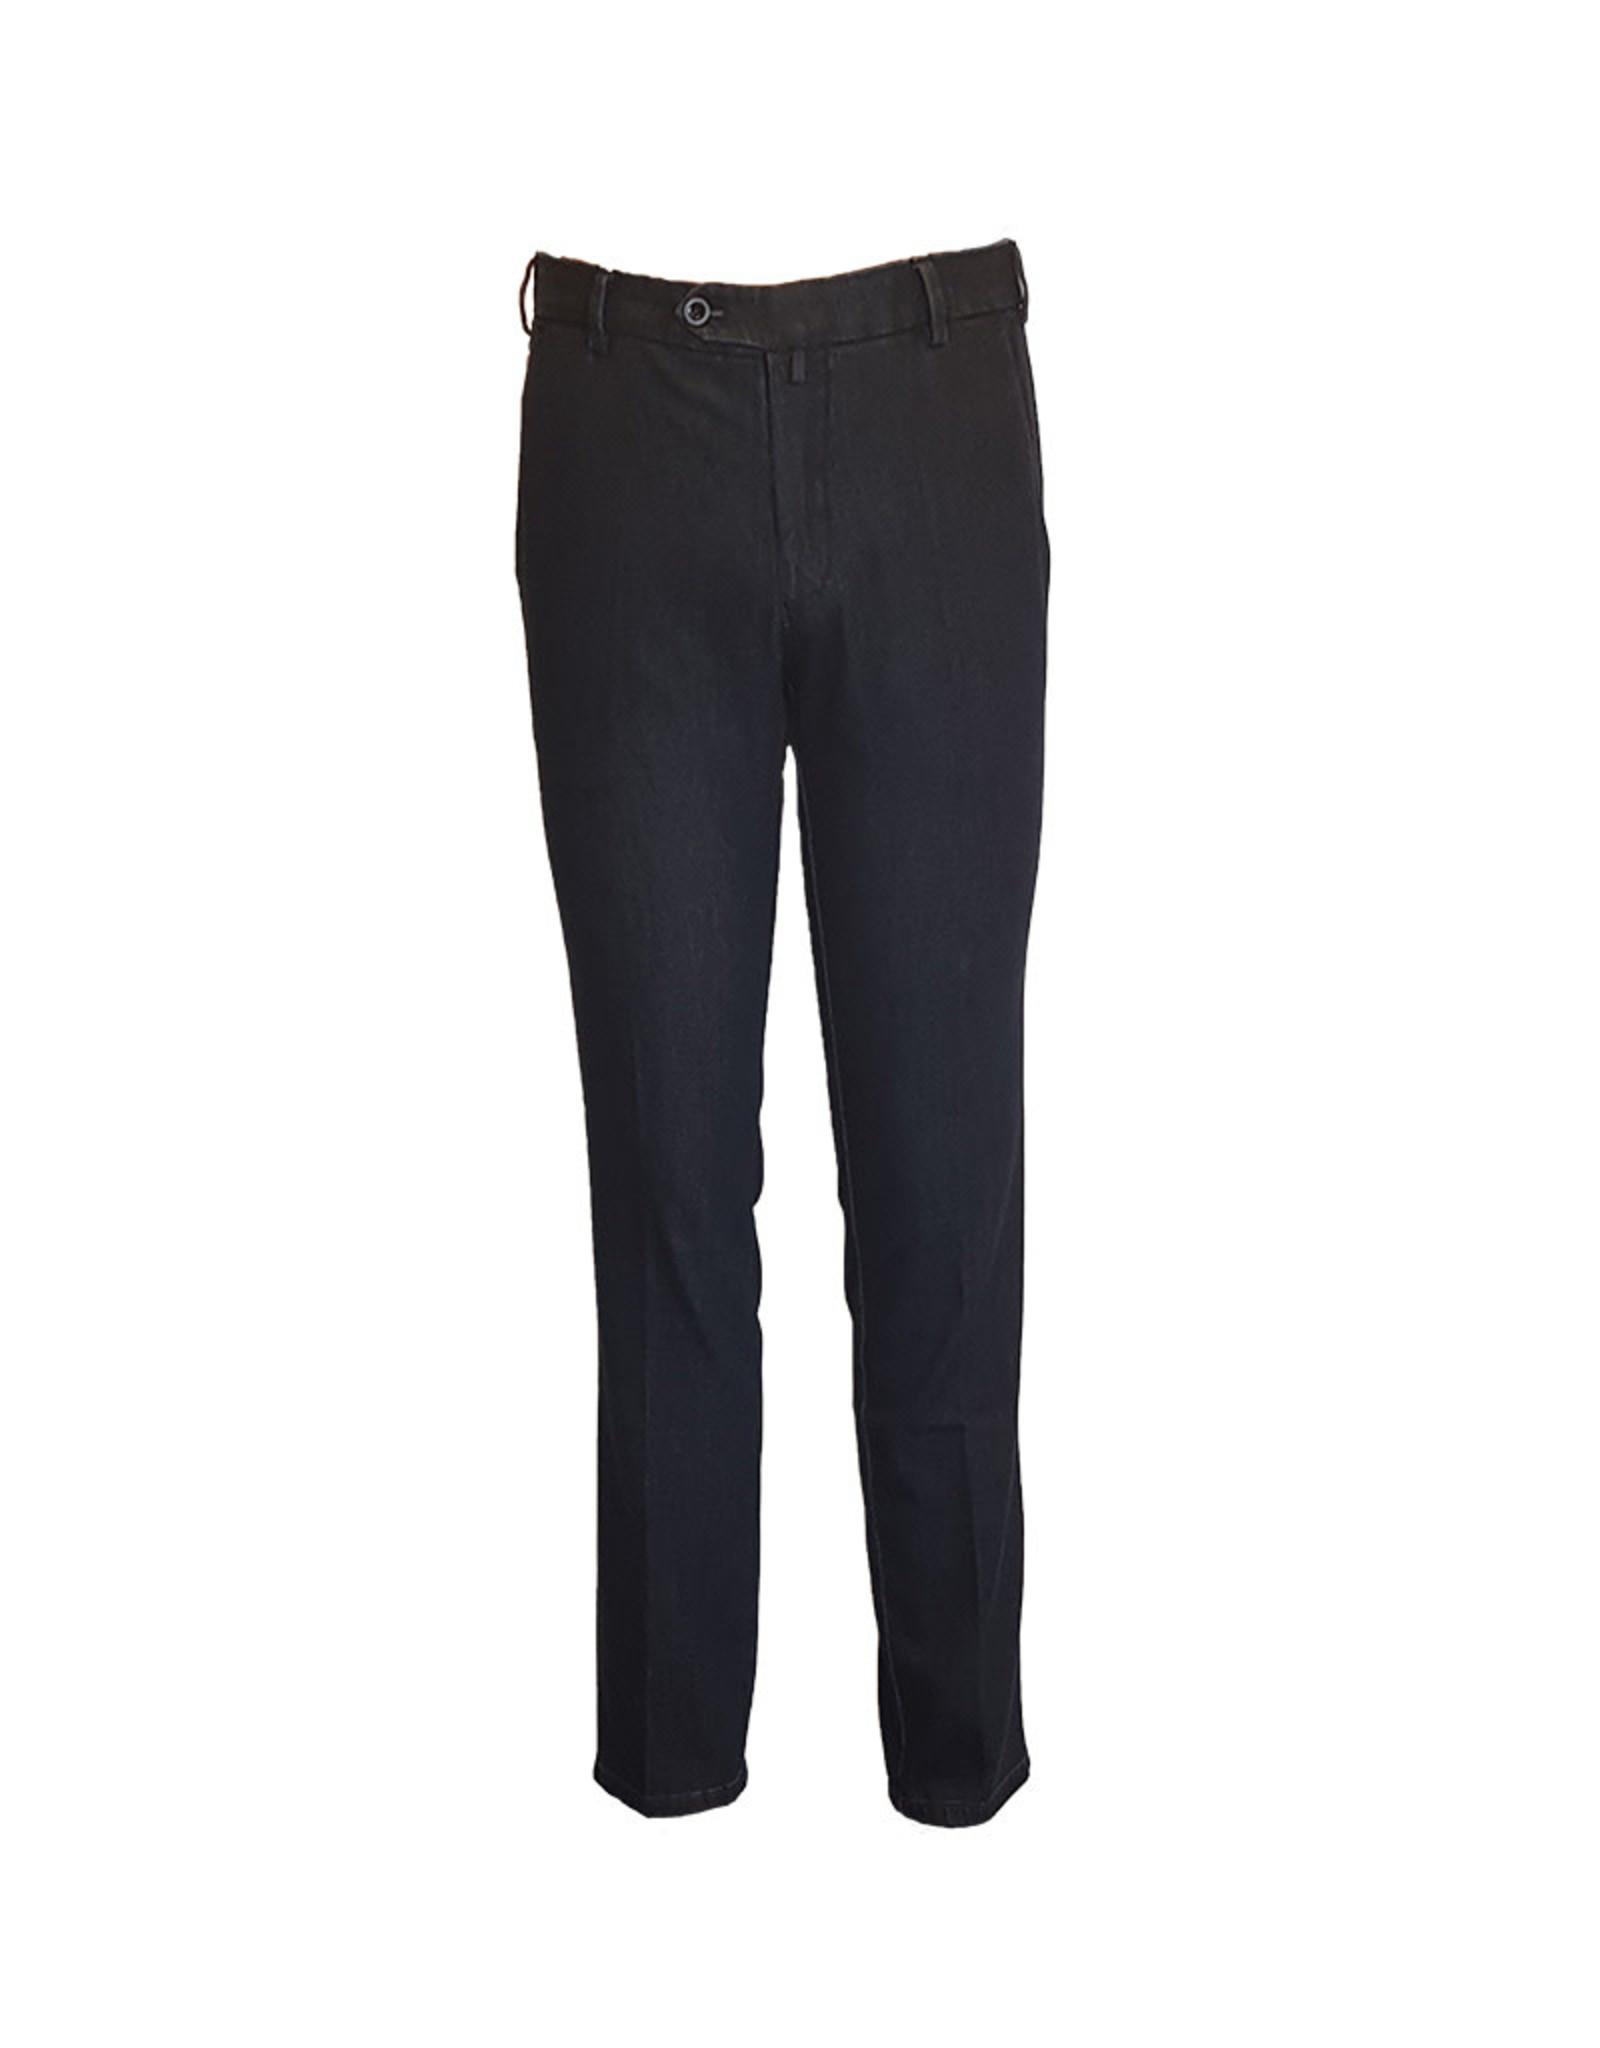 Meyer Exclusive Meyer Exclusive broek jeans blauw Bonn 8540/19